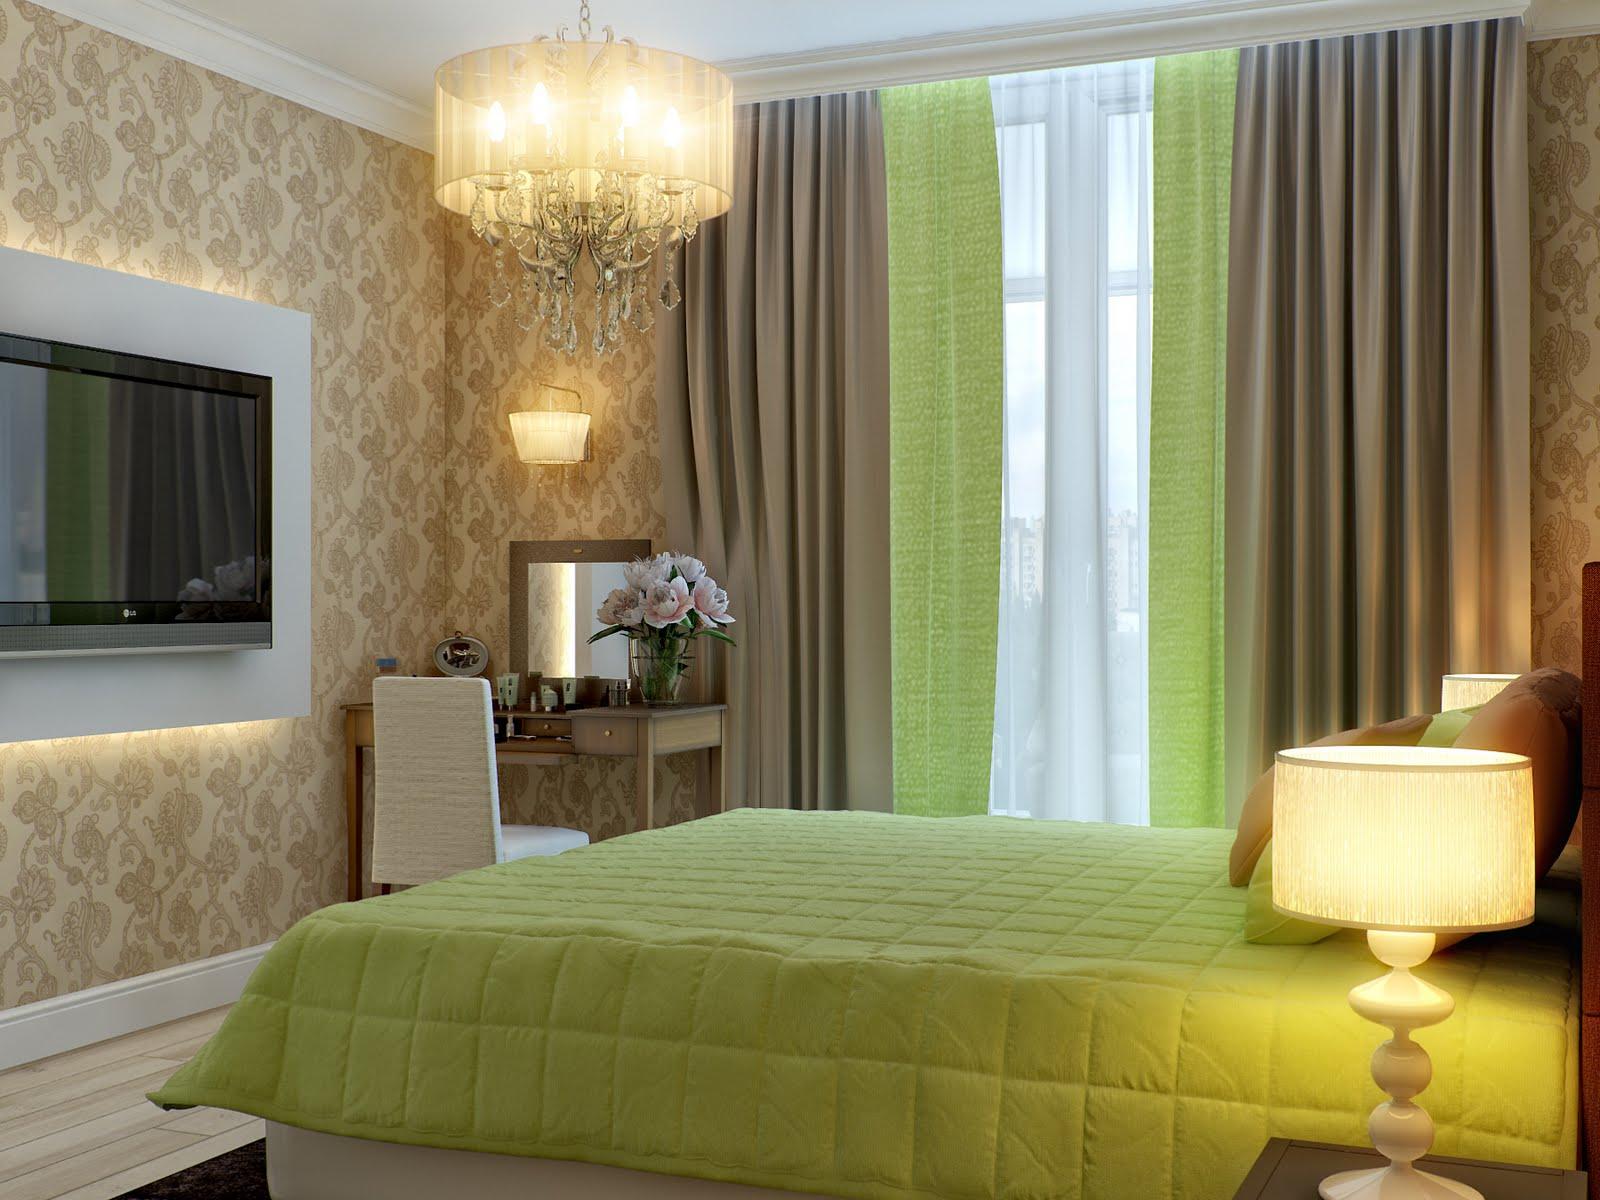 Фото интерьера спальни с зелеными шторами